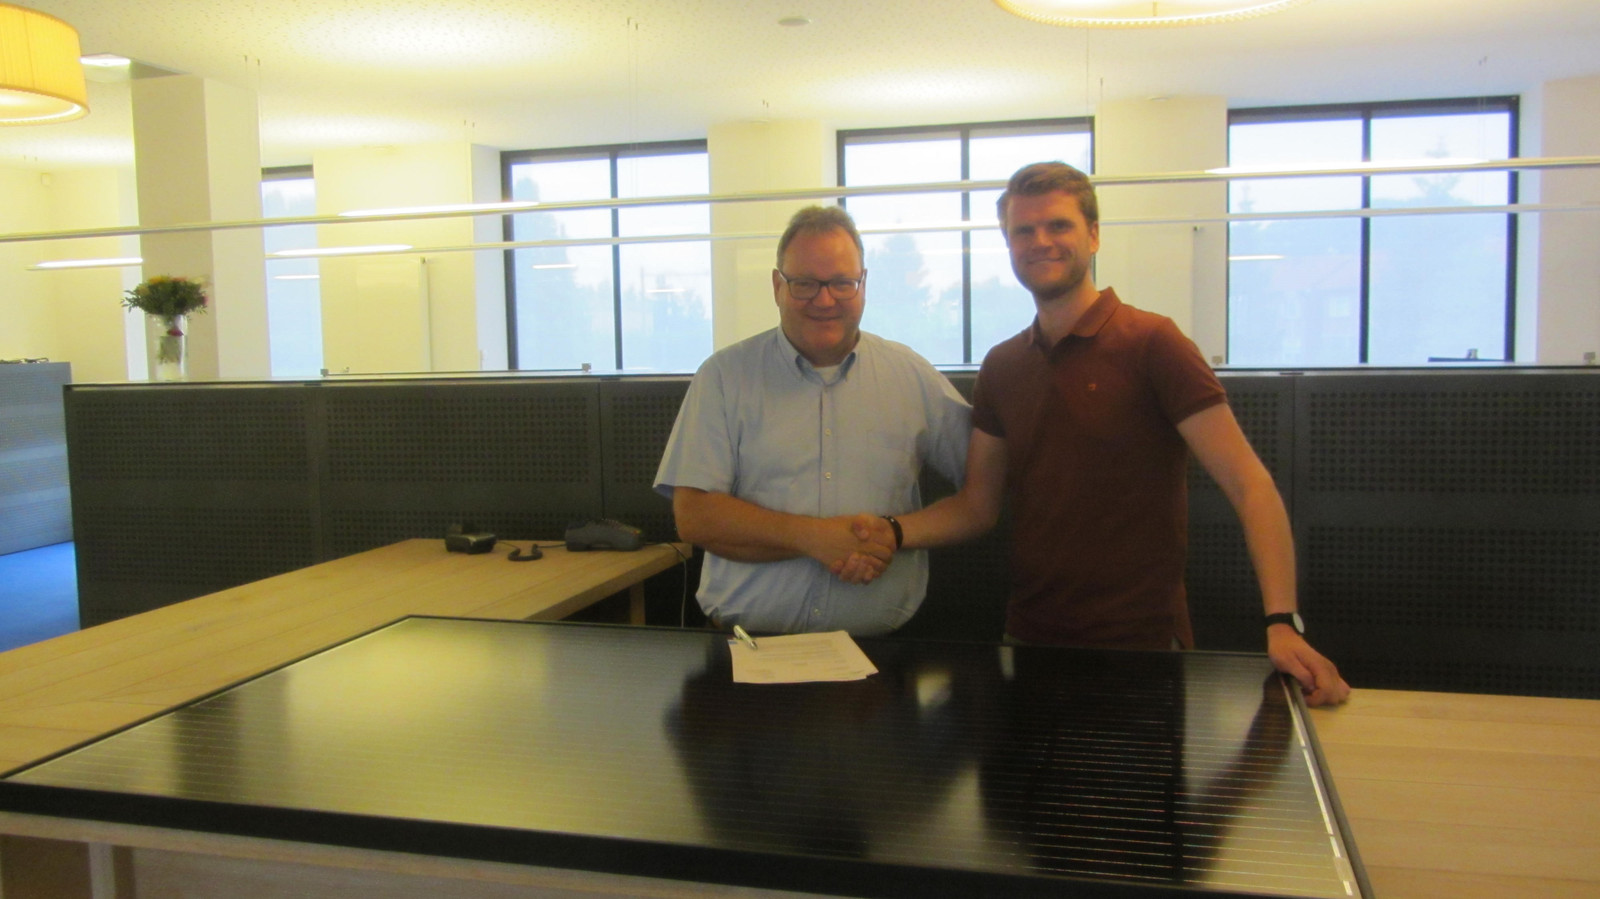 WBO-directeur Dick Mol (links) en Tim Schulte plaatsten hun handtekening onder het contract voor het project 'Duurzaam Opgewekt!'